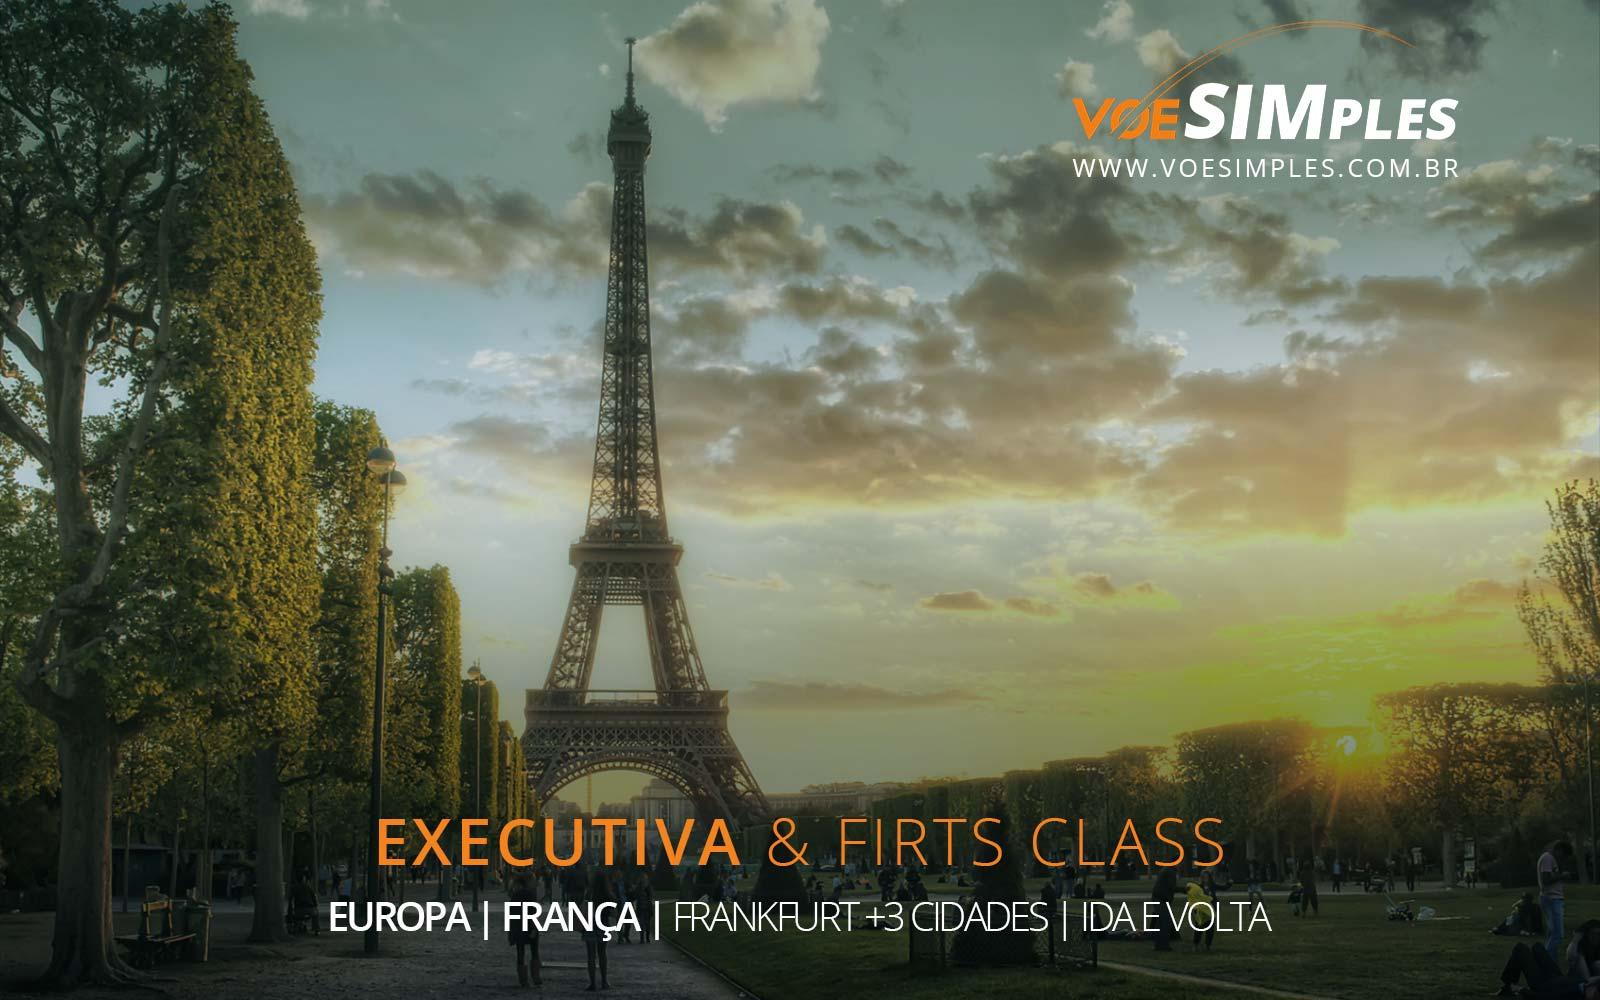 Passagens aéreas na Classe Executiva para Frankfurt, Paris, Londres, Madri e Milão na Europa